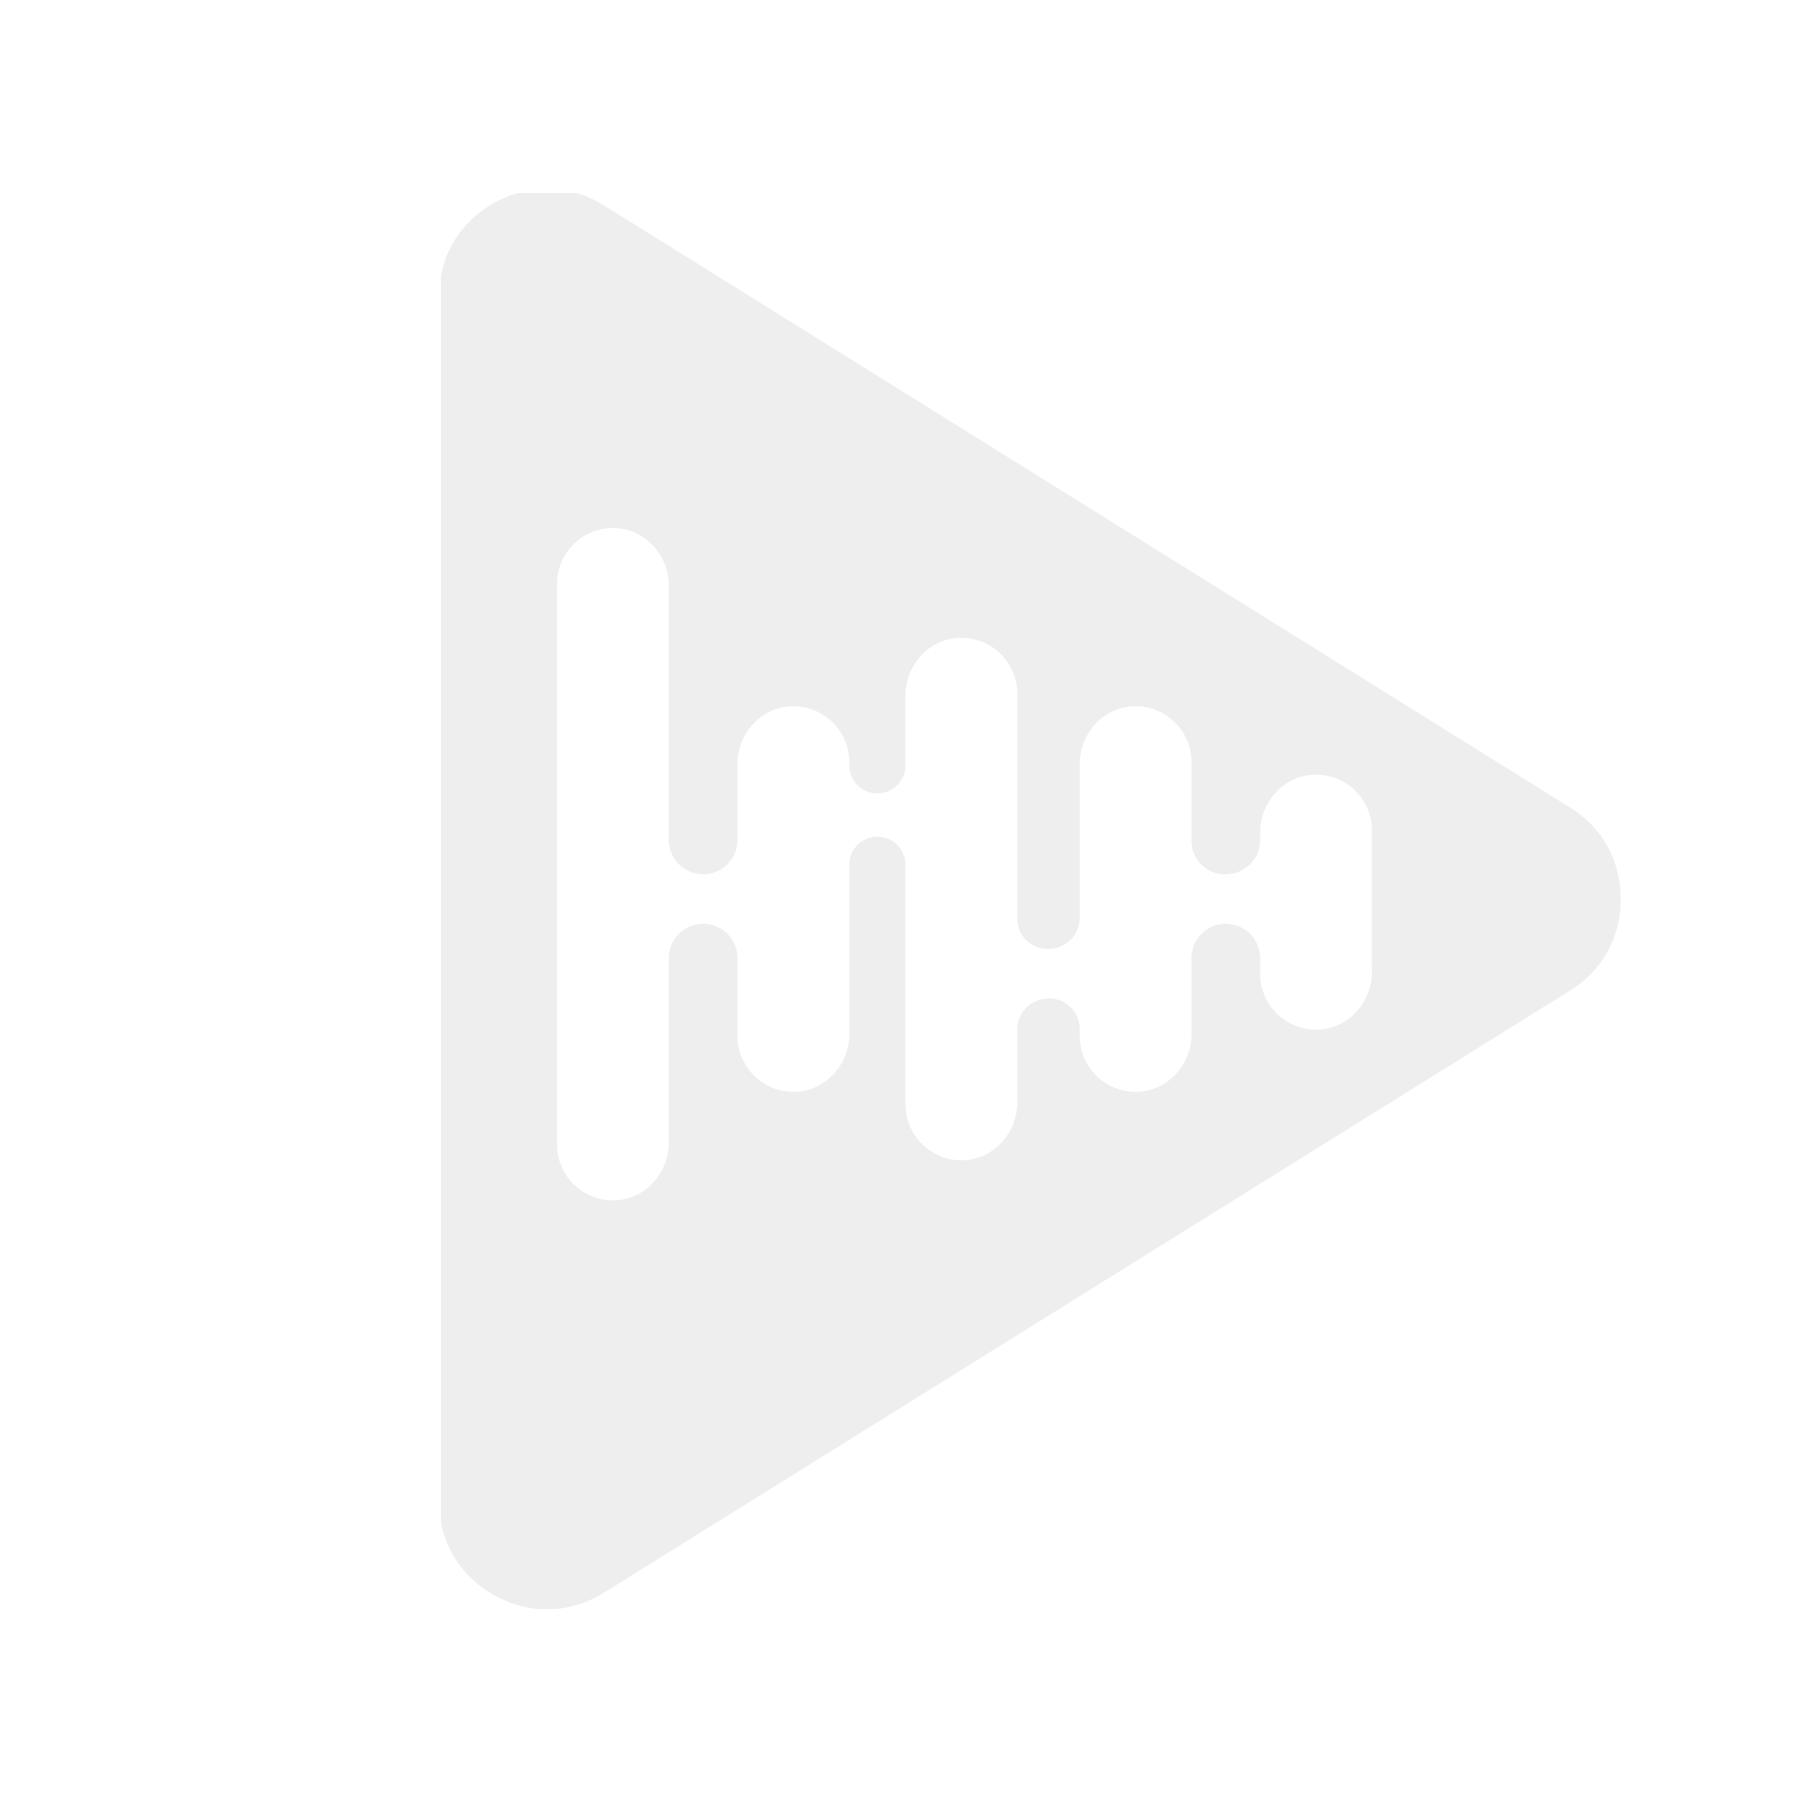 AZ Audiocomp MQ10-PK